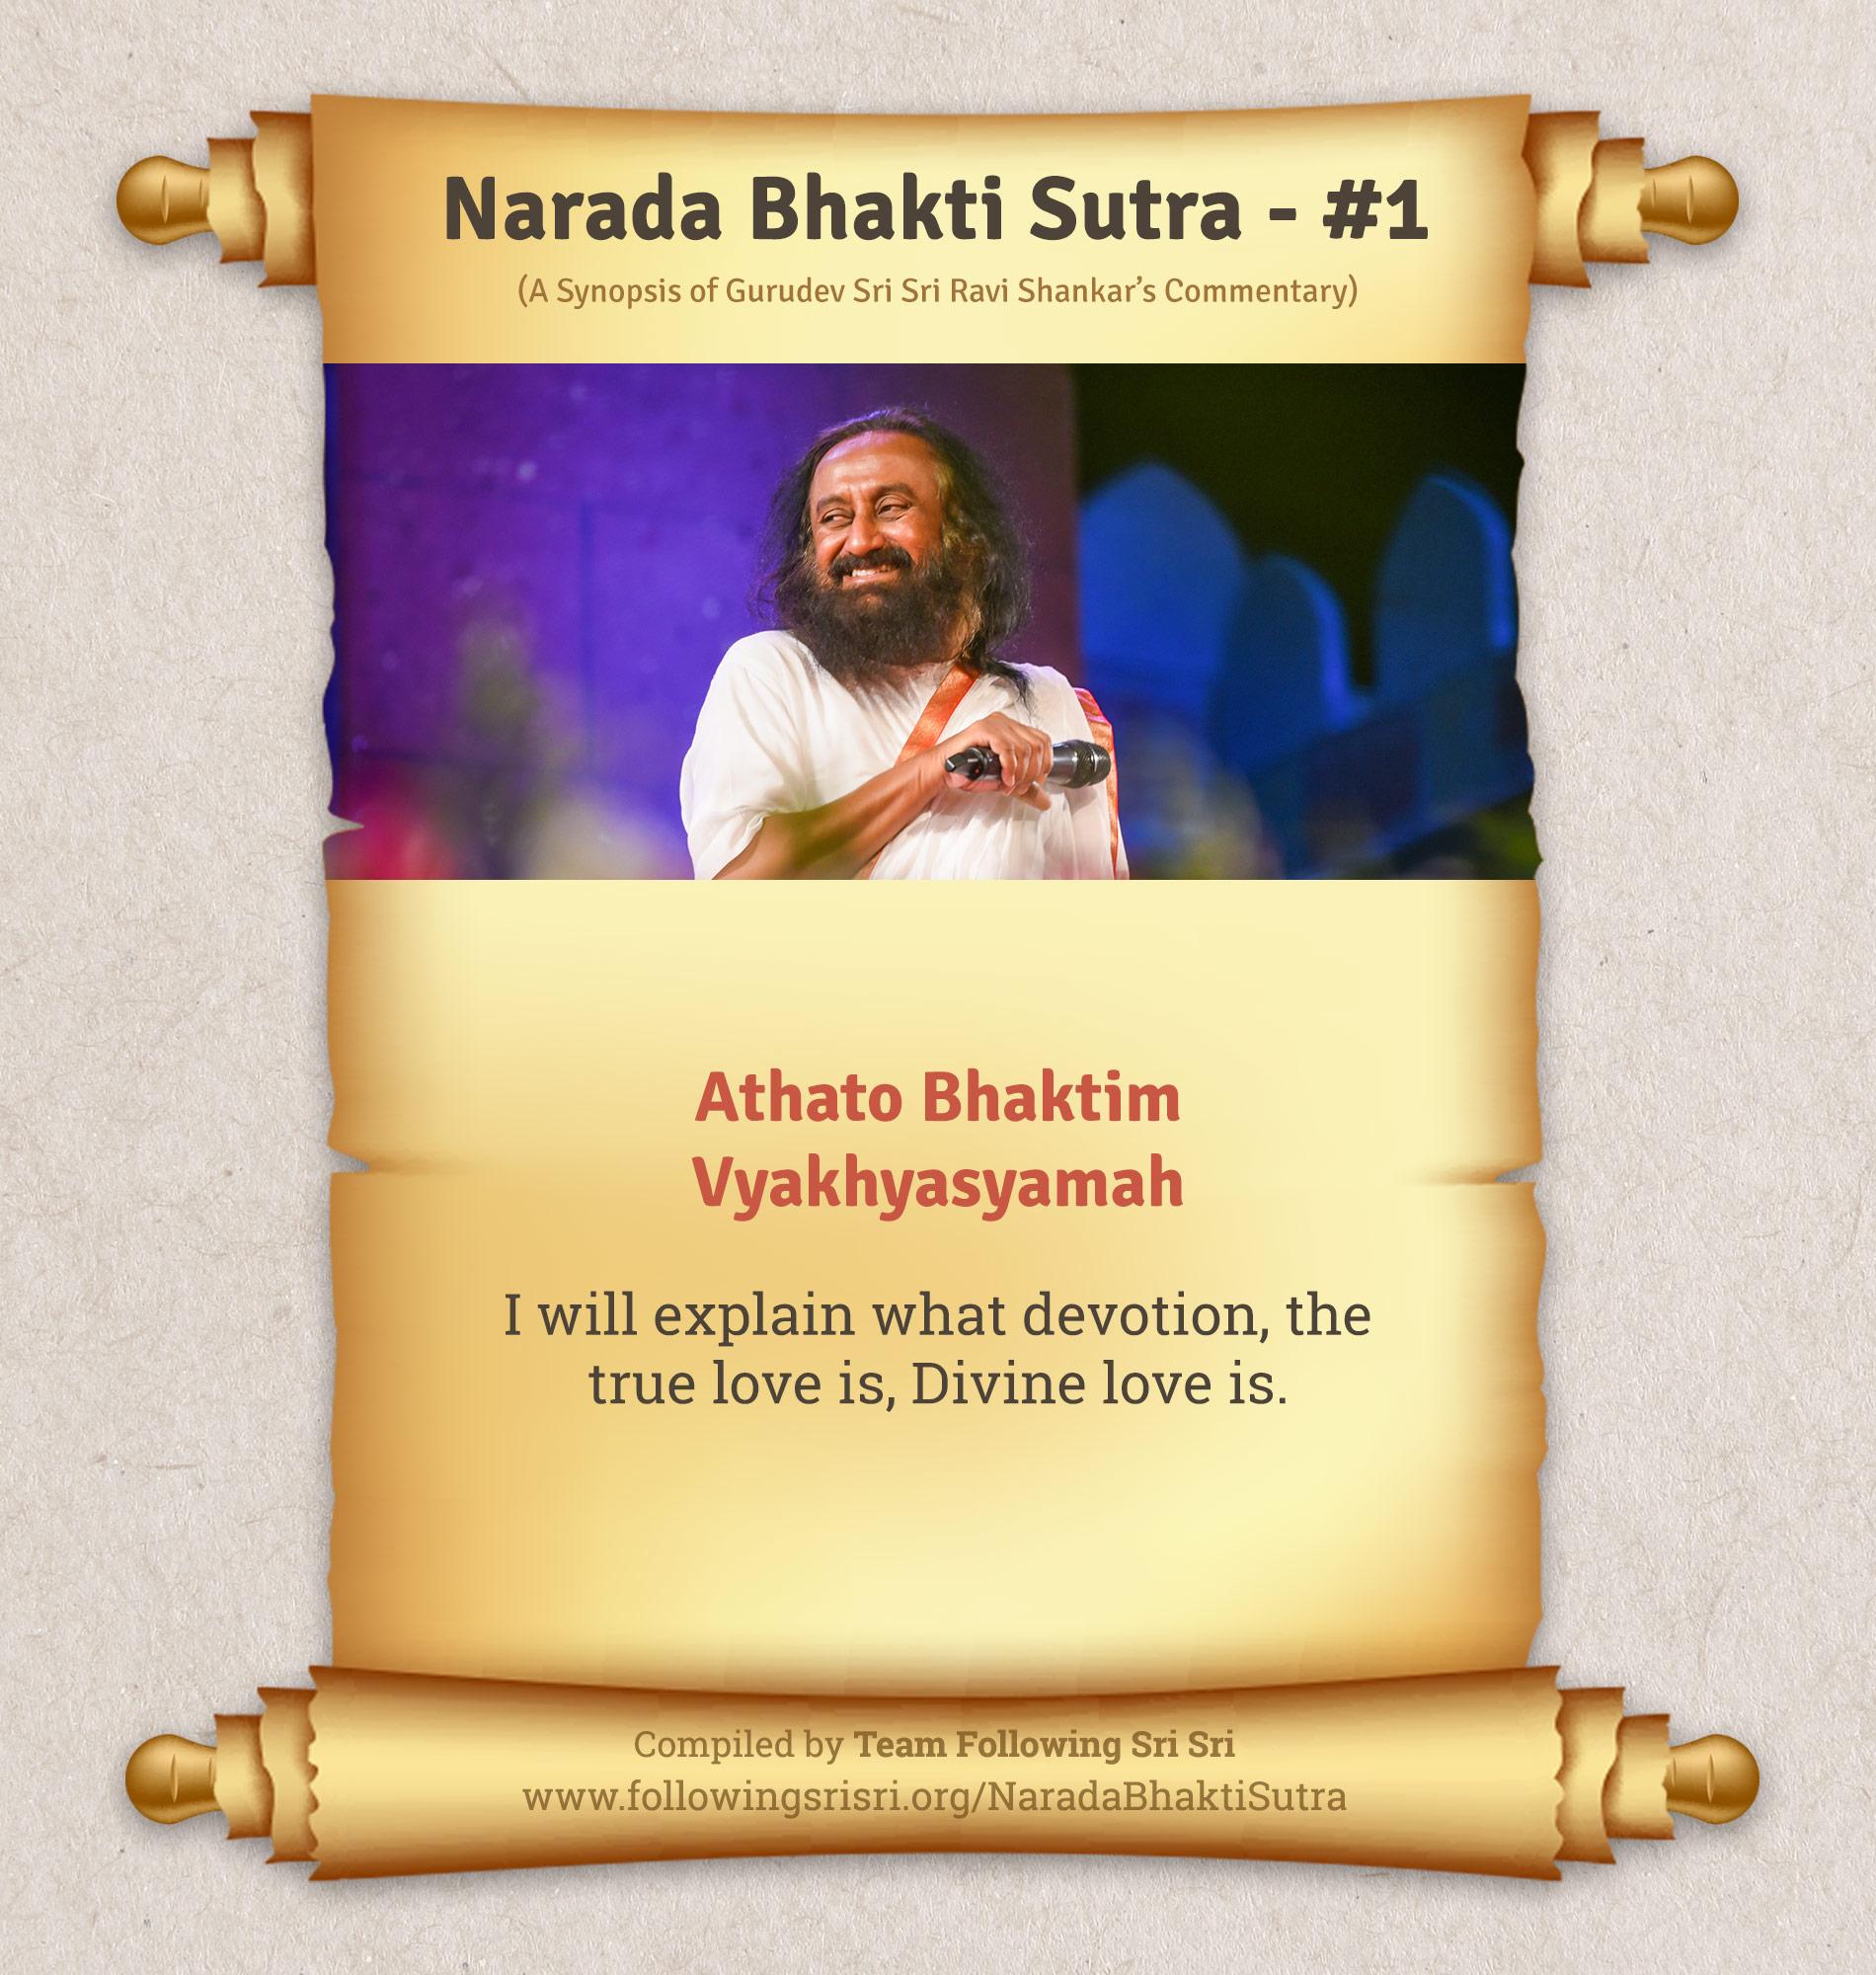 Narada Bhakti Sutras - Sutra 1